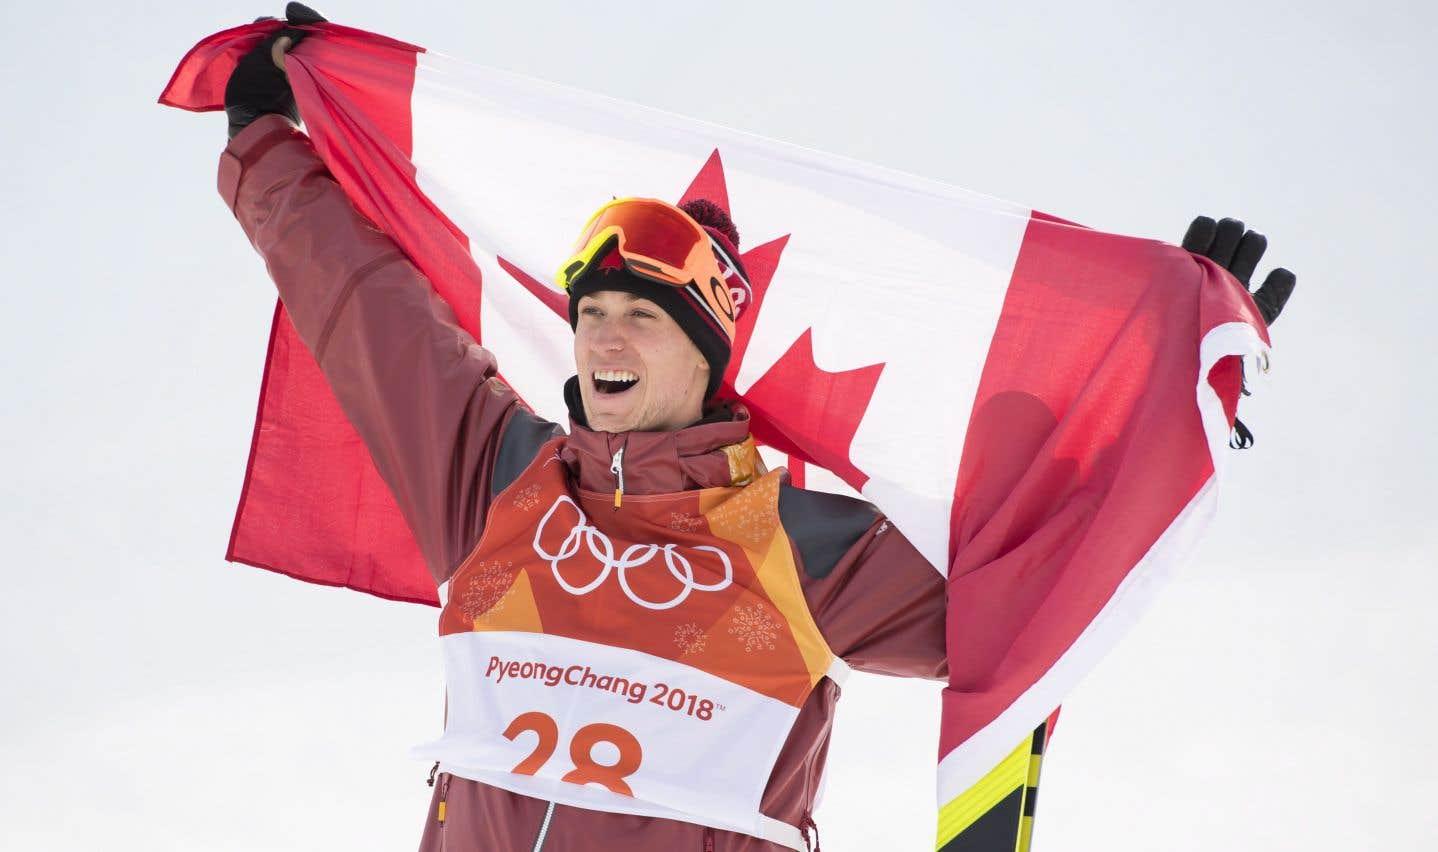 Le Québécois Alex Beaulieu-Marchand, après la finale de l'épreuve de slopestyle en ski acrobatique